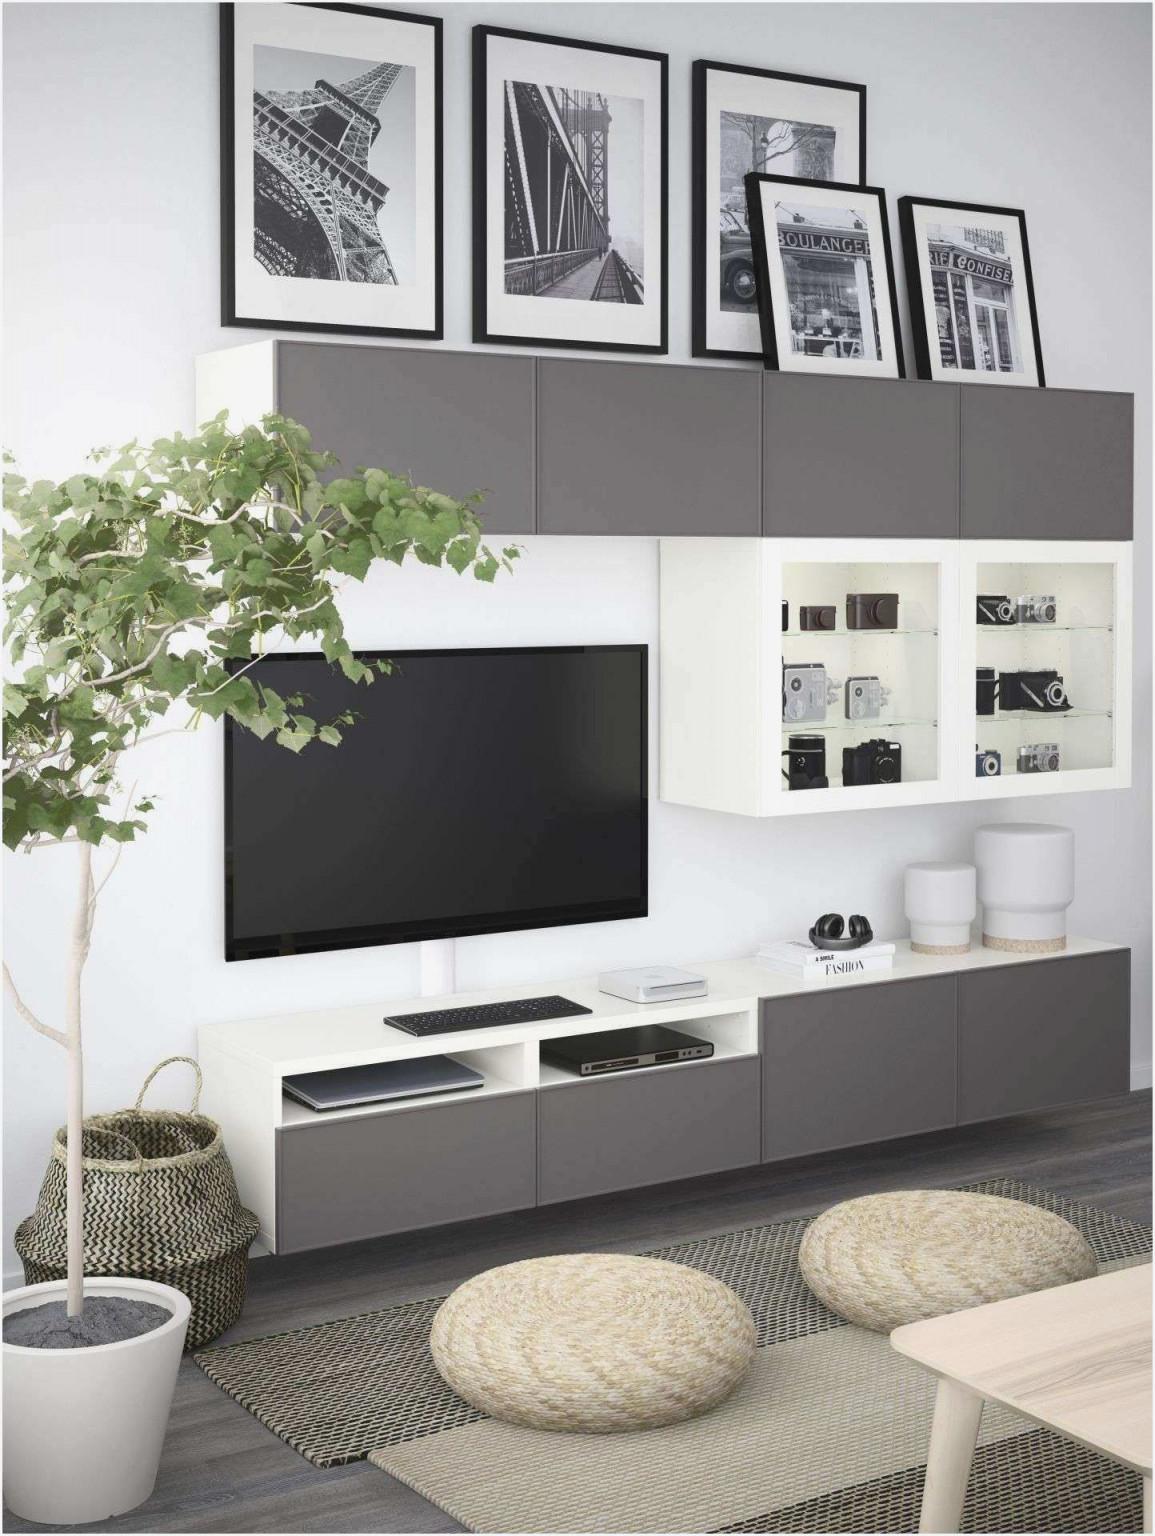 Kleine Wohnzimmer Einrichten Ideen Modern – Caseconrad von Ideen Einrichtung Wohnzimmer Photo